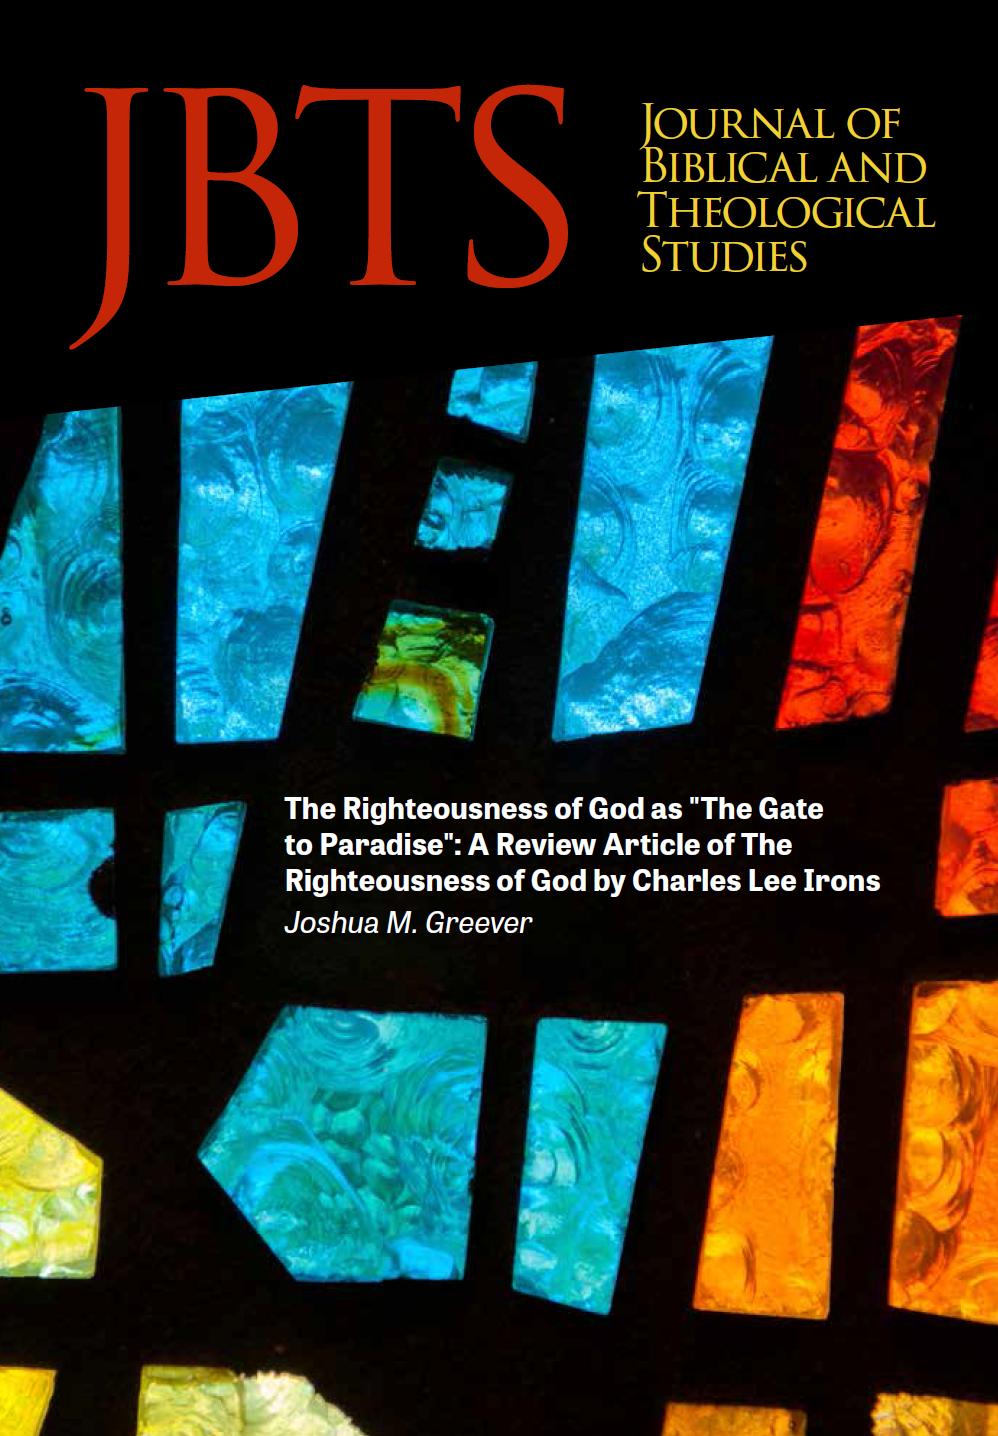 JBTS 1.1 Art 3